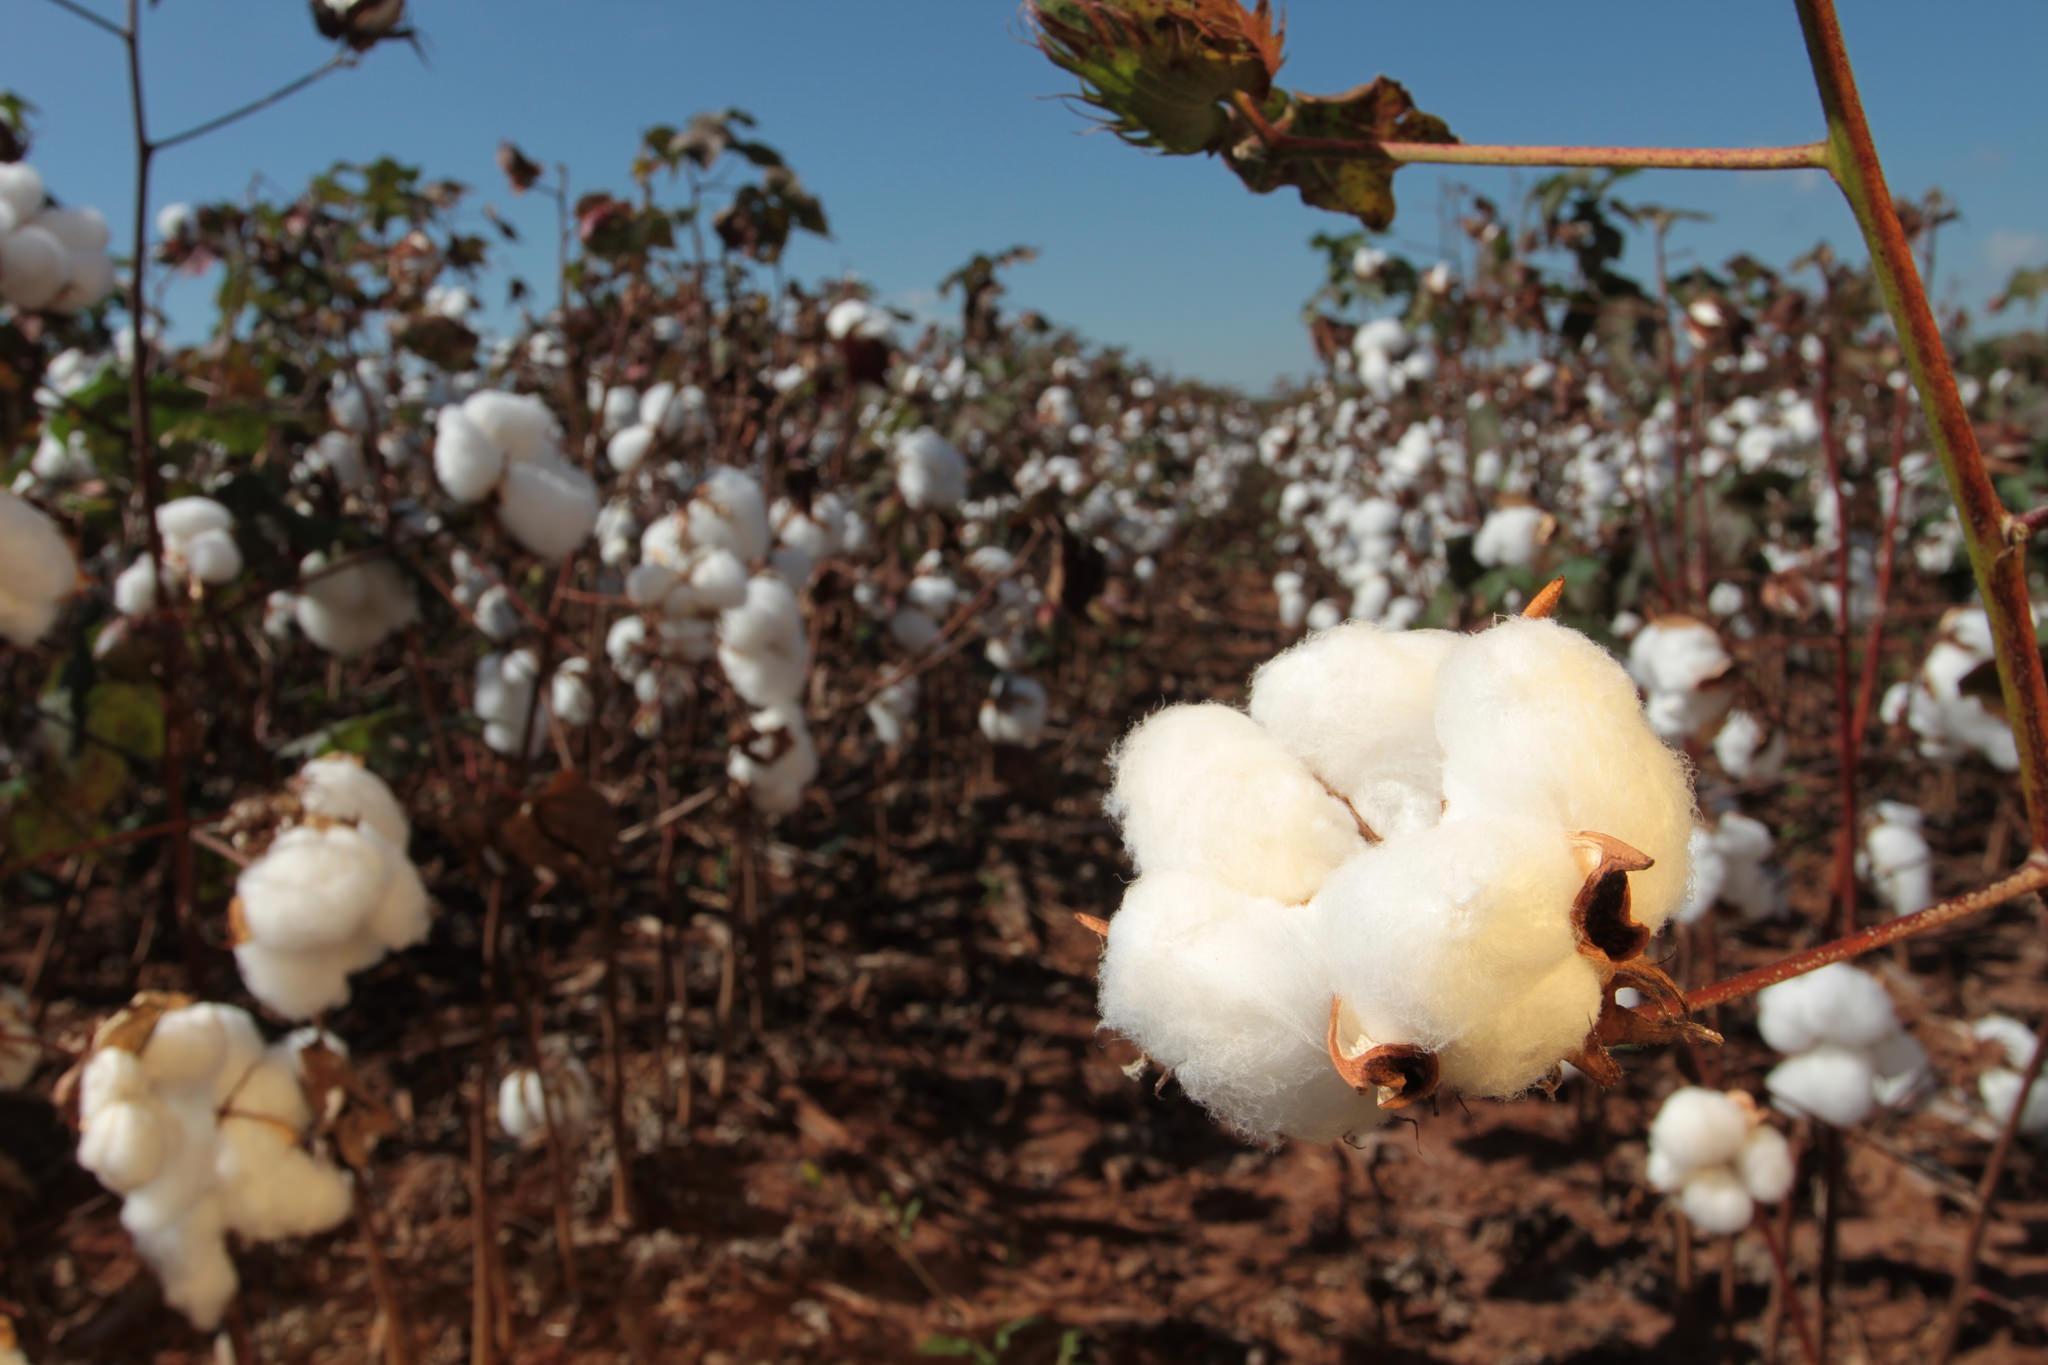 Cotton farm in Brazil